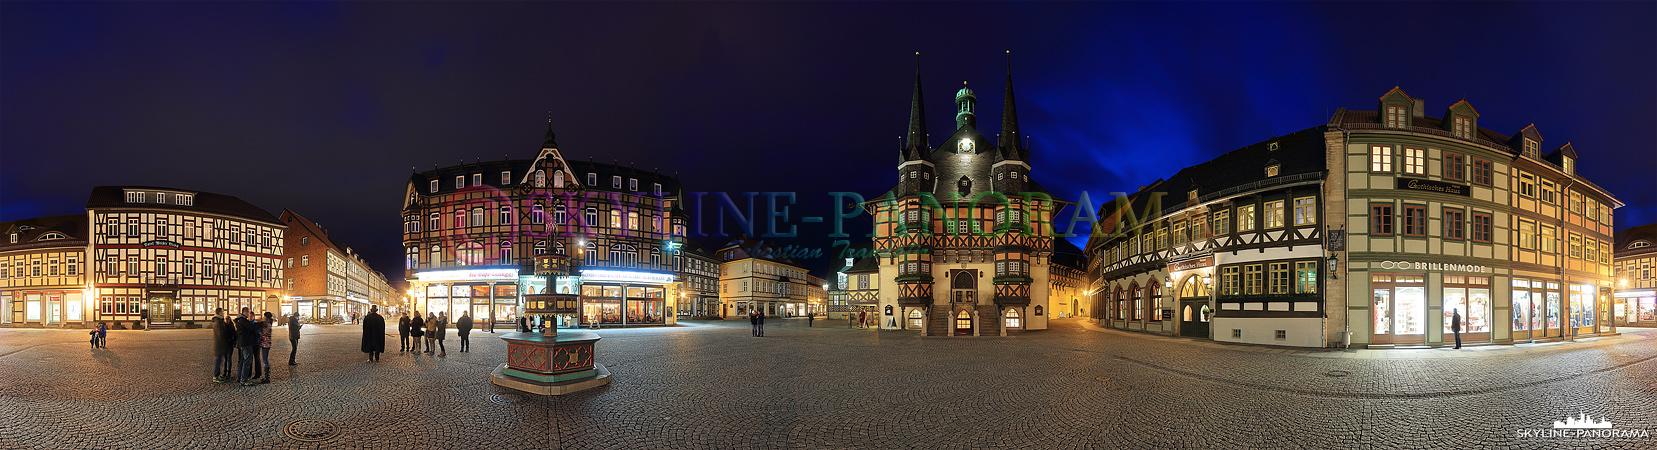 Bilder aus dem Harz - Der Wernigeröder Marktplatz mit dem weltbekannten Rathaus, dem Wohltäterbrunnen und den restaurierten Fachwerkhäusern als Panorama in den Abendstunden aufgenommen.